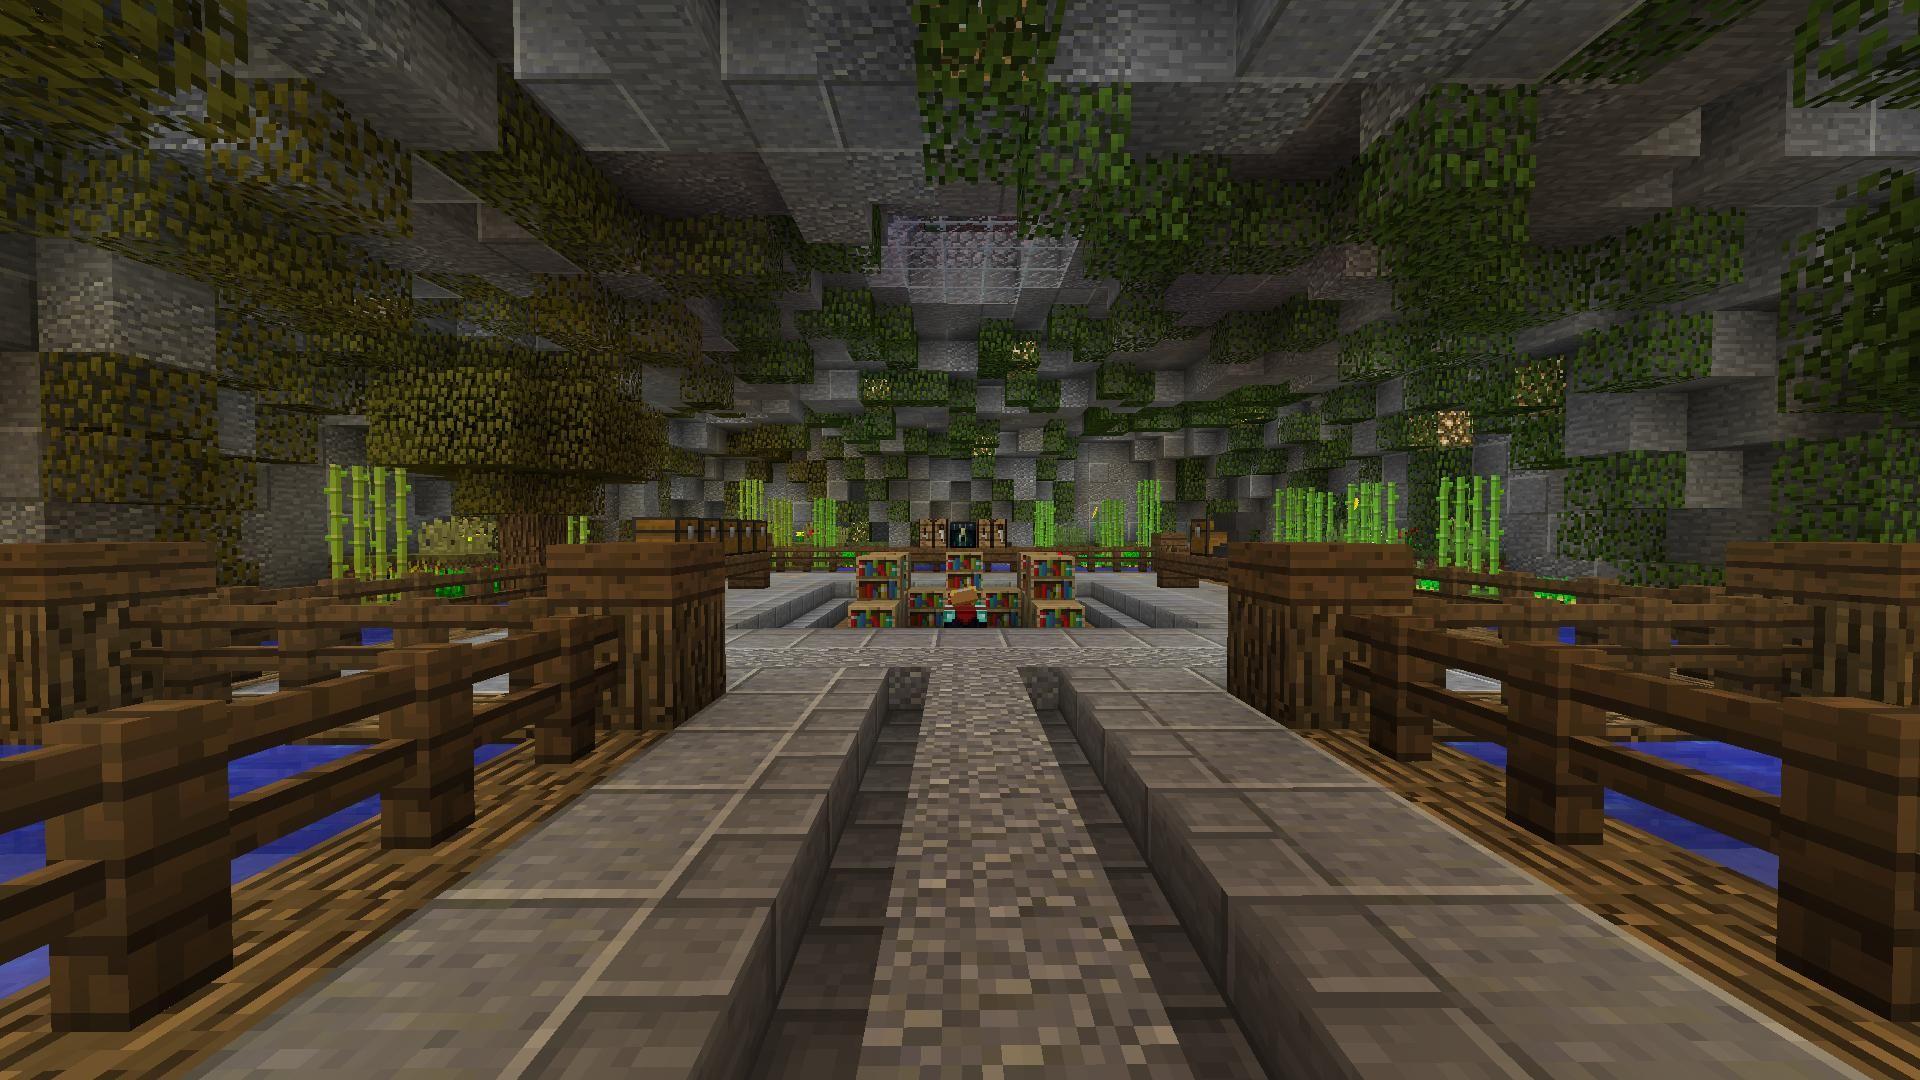 Minecraft interior crafting enchanting